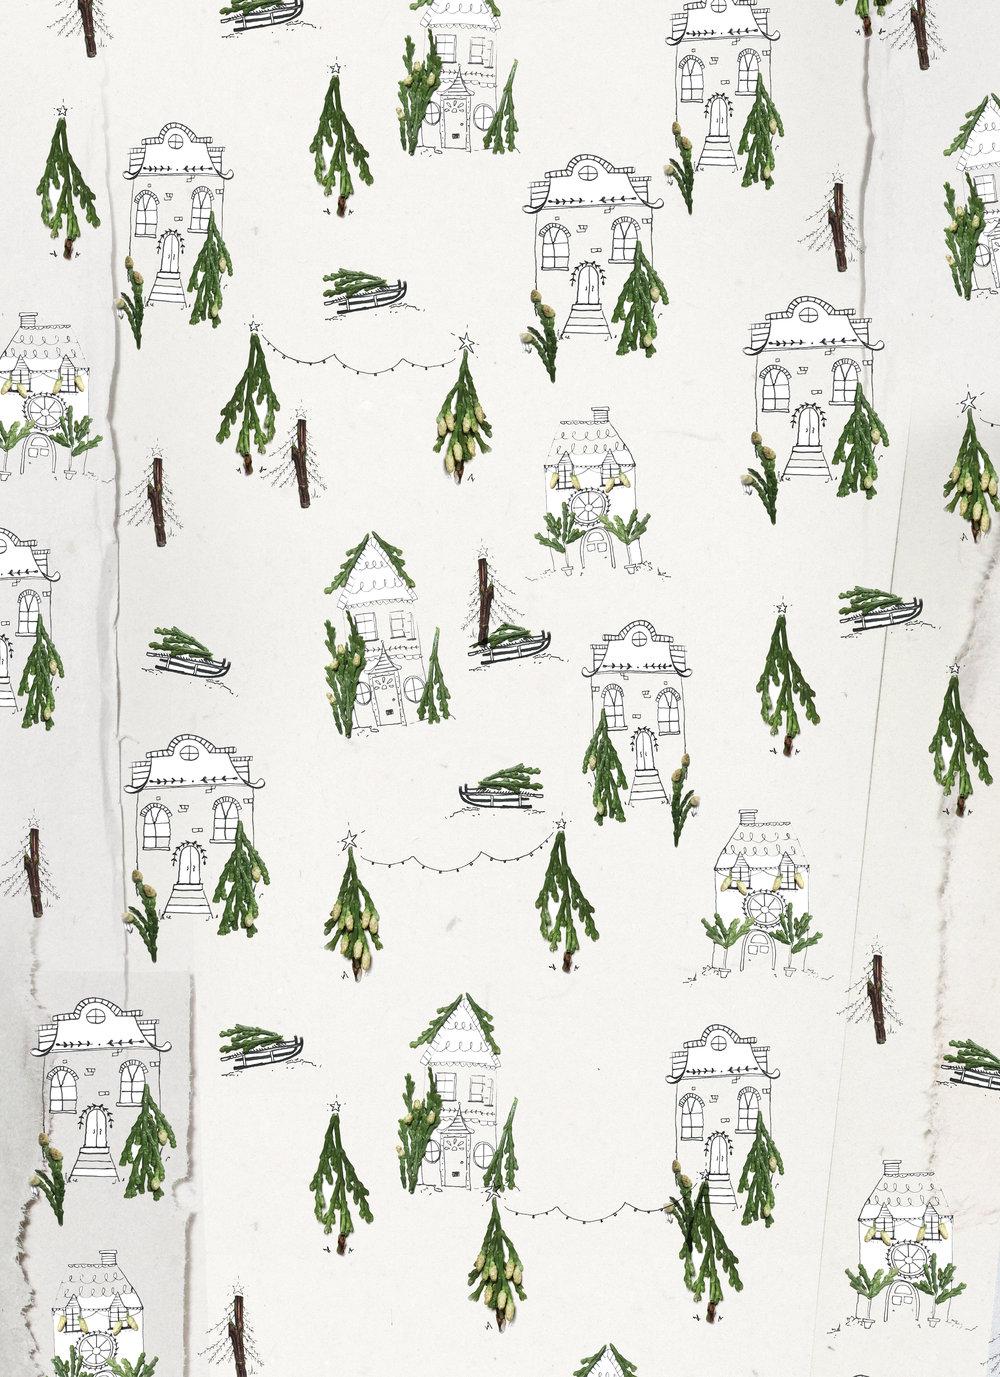 Maryclarewilkie-HolidayTrees--1-01.jpg